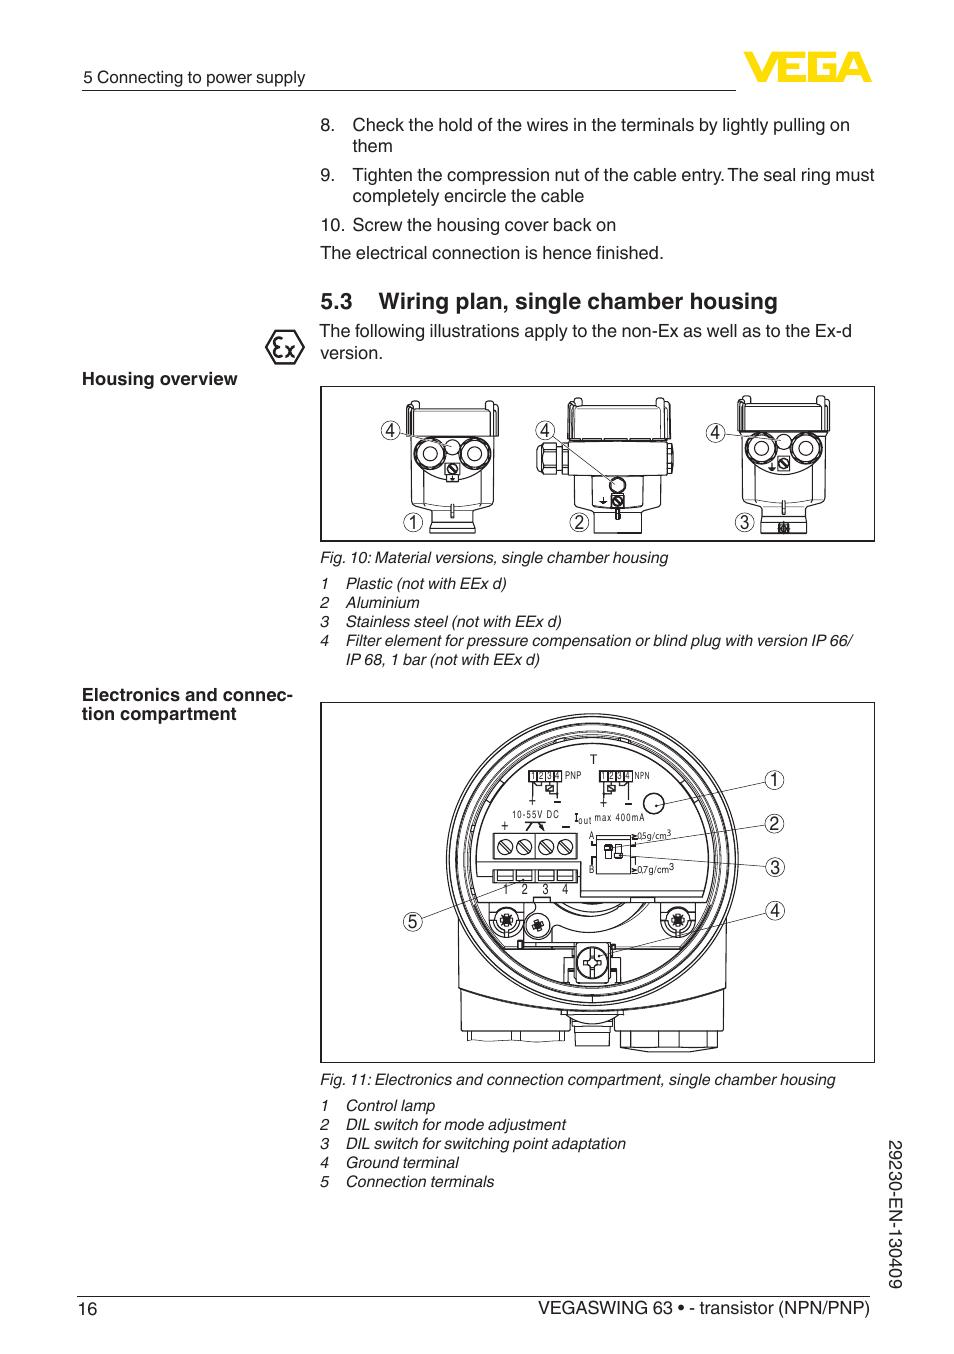 medium resolution of 3 wiring plan single chamber housing vega vegaswing 63 transistor npn